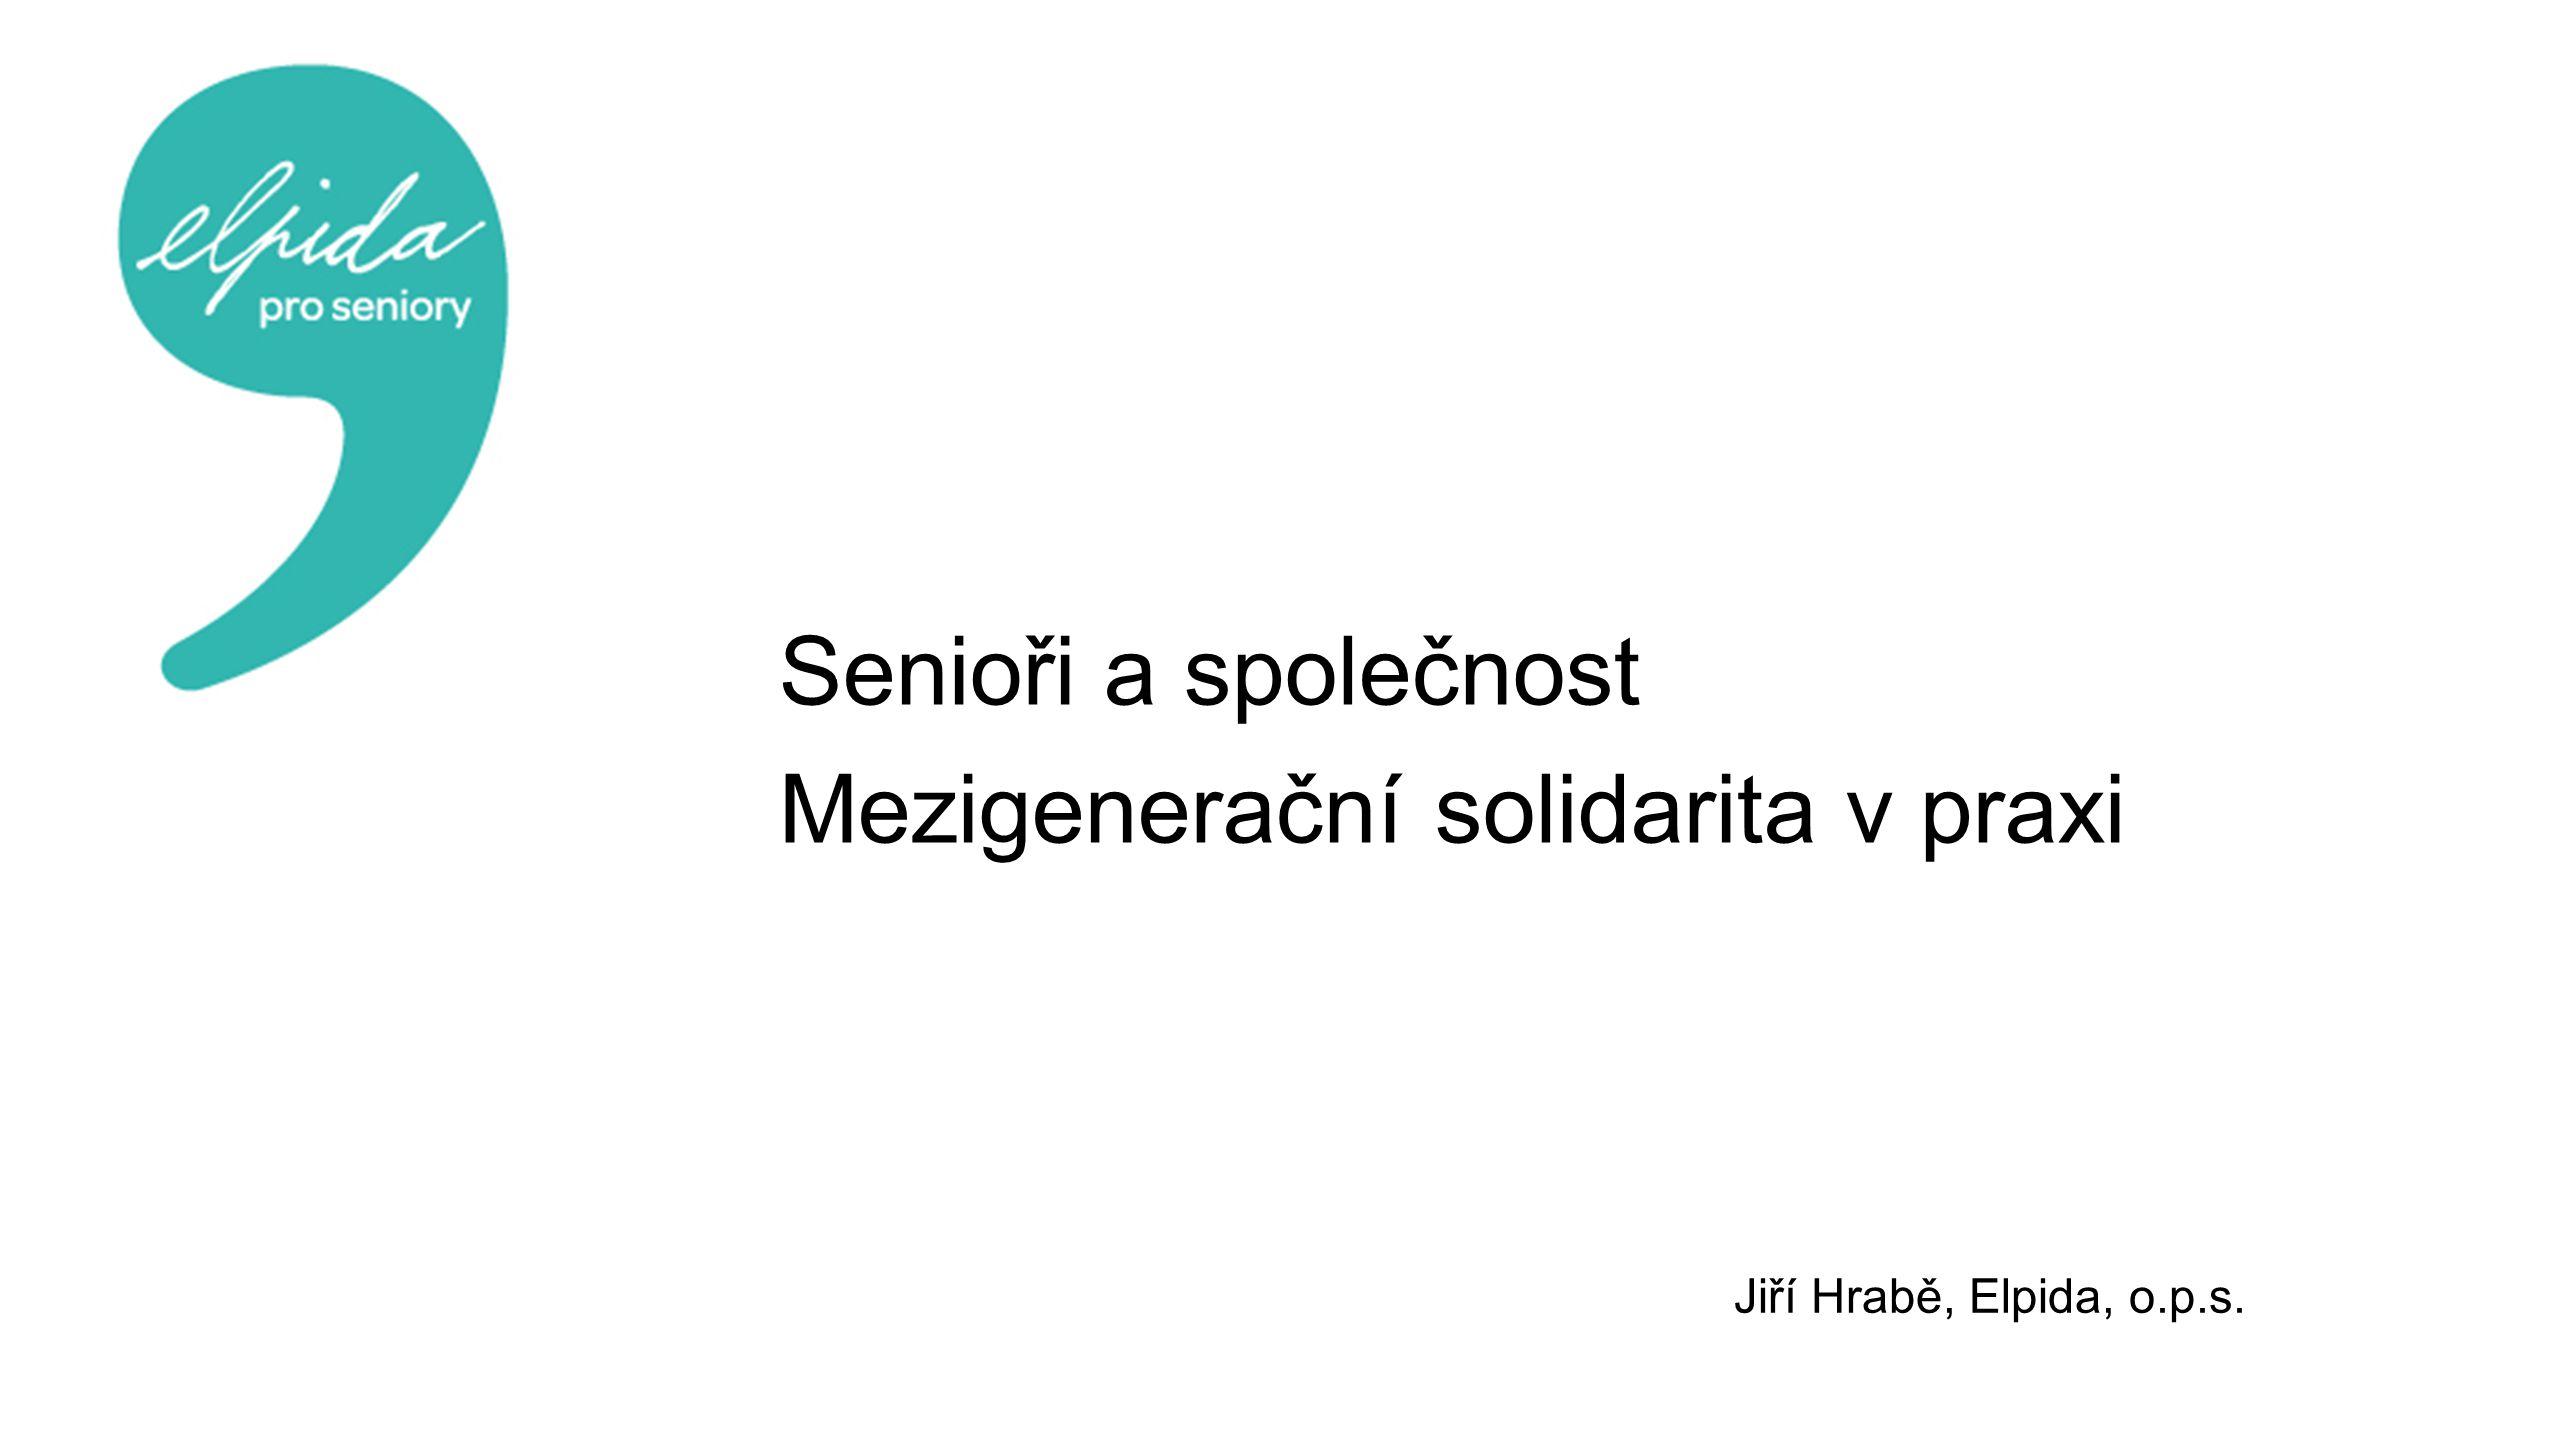 Senioři a společnost Mezigenerační solidarita v praxi Jiří Hrabě, Elpida, o.p.s.